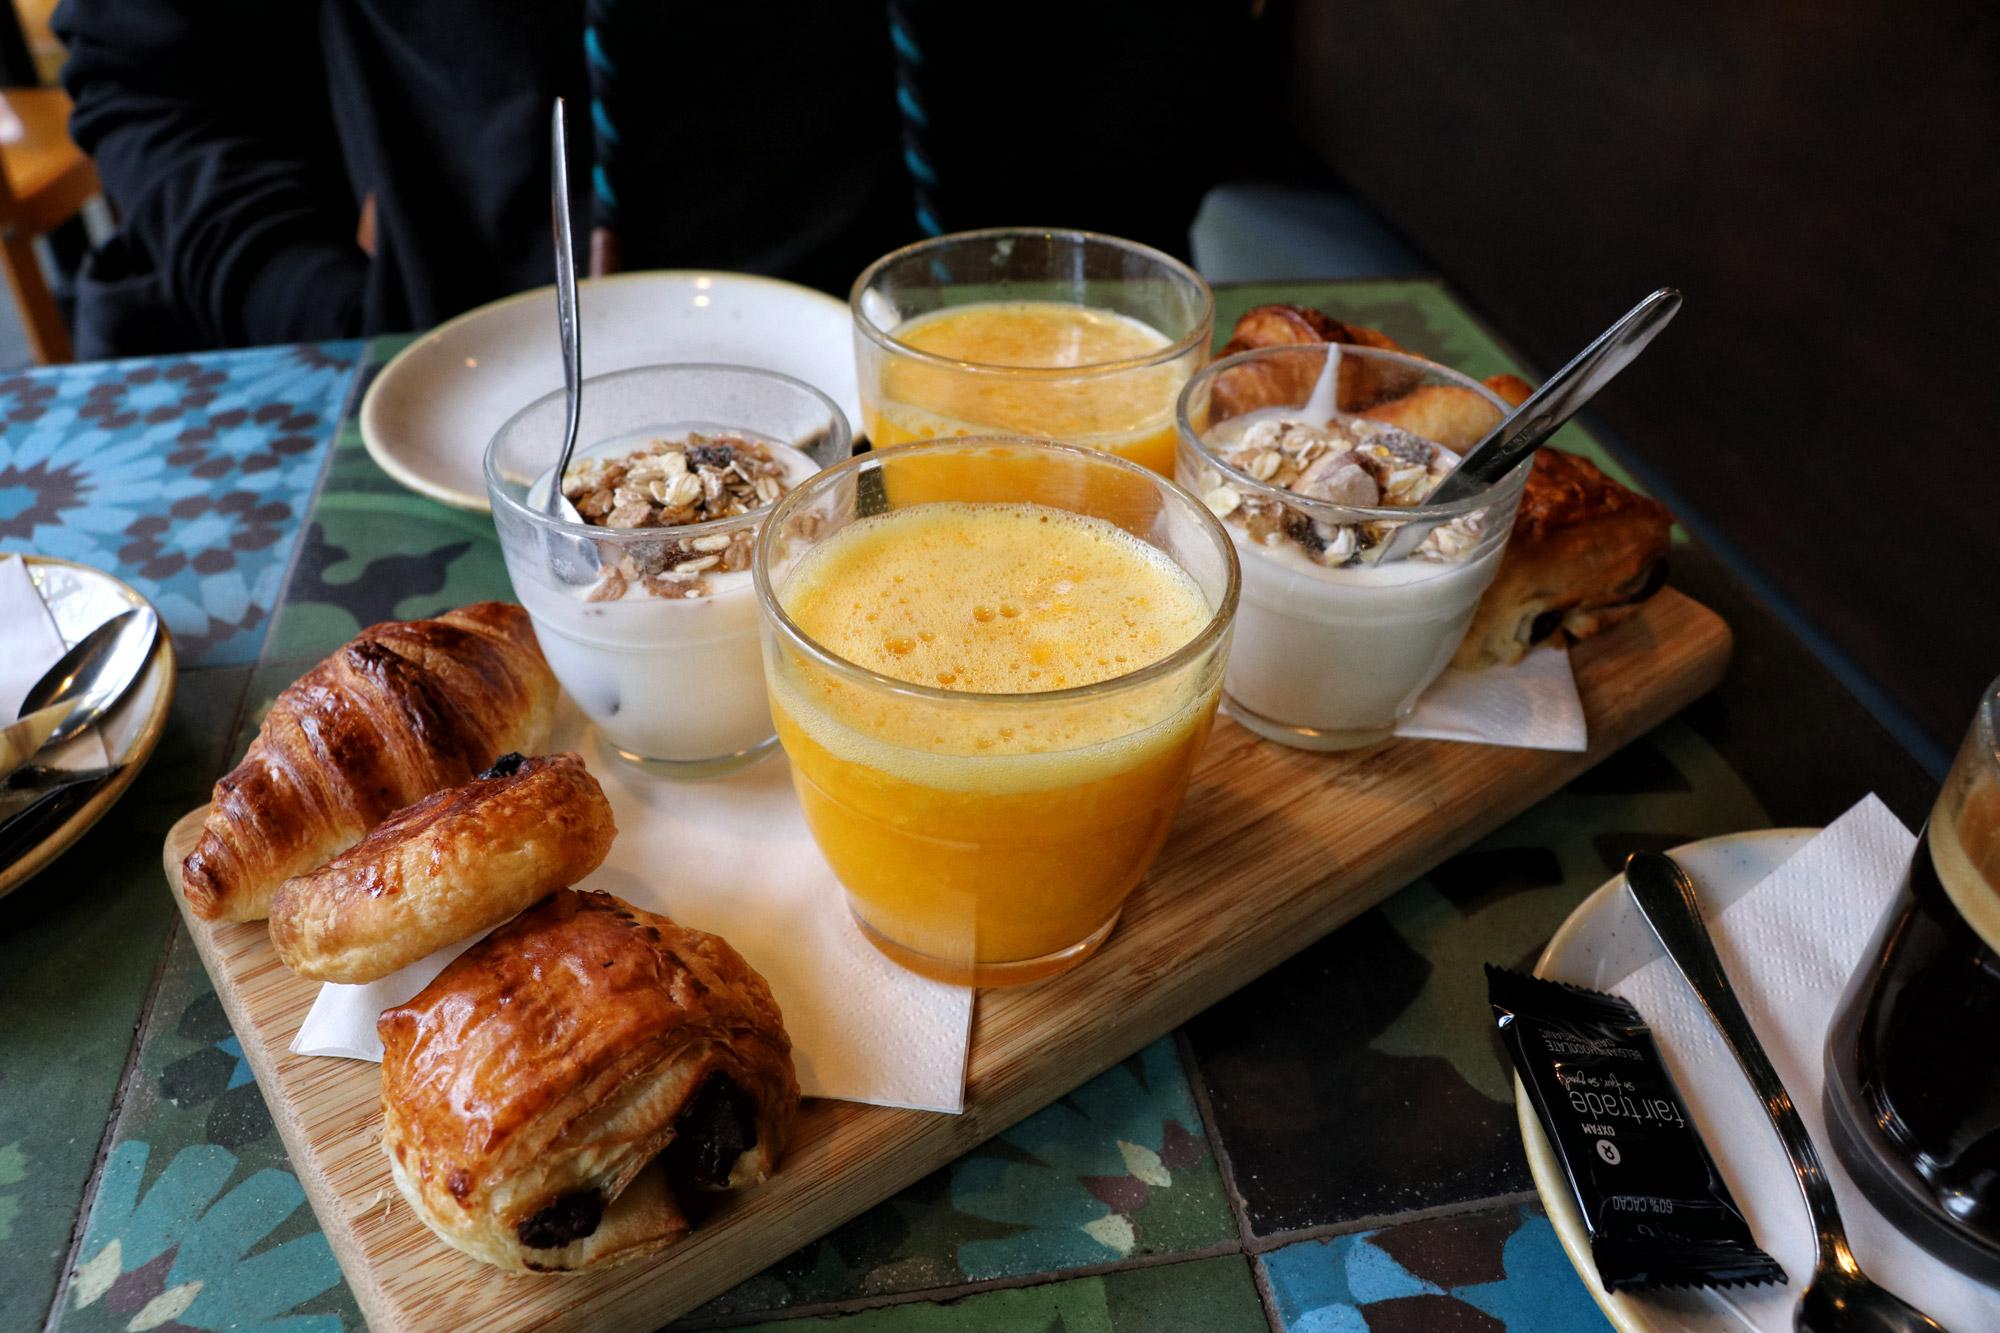 Mijn tips voor Gent - Ontbijt bij Simon Says